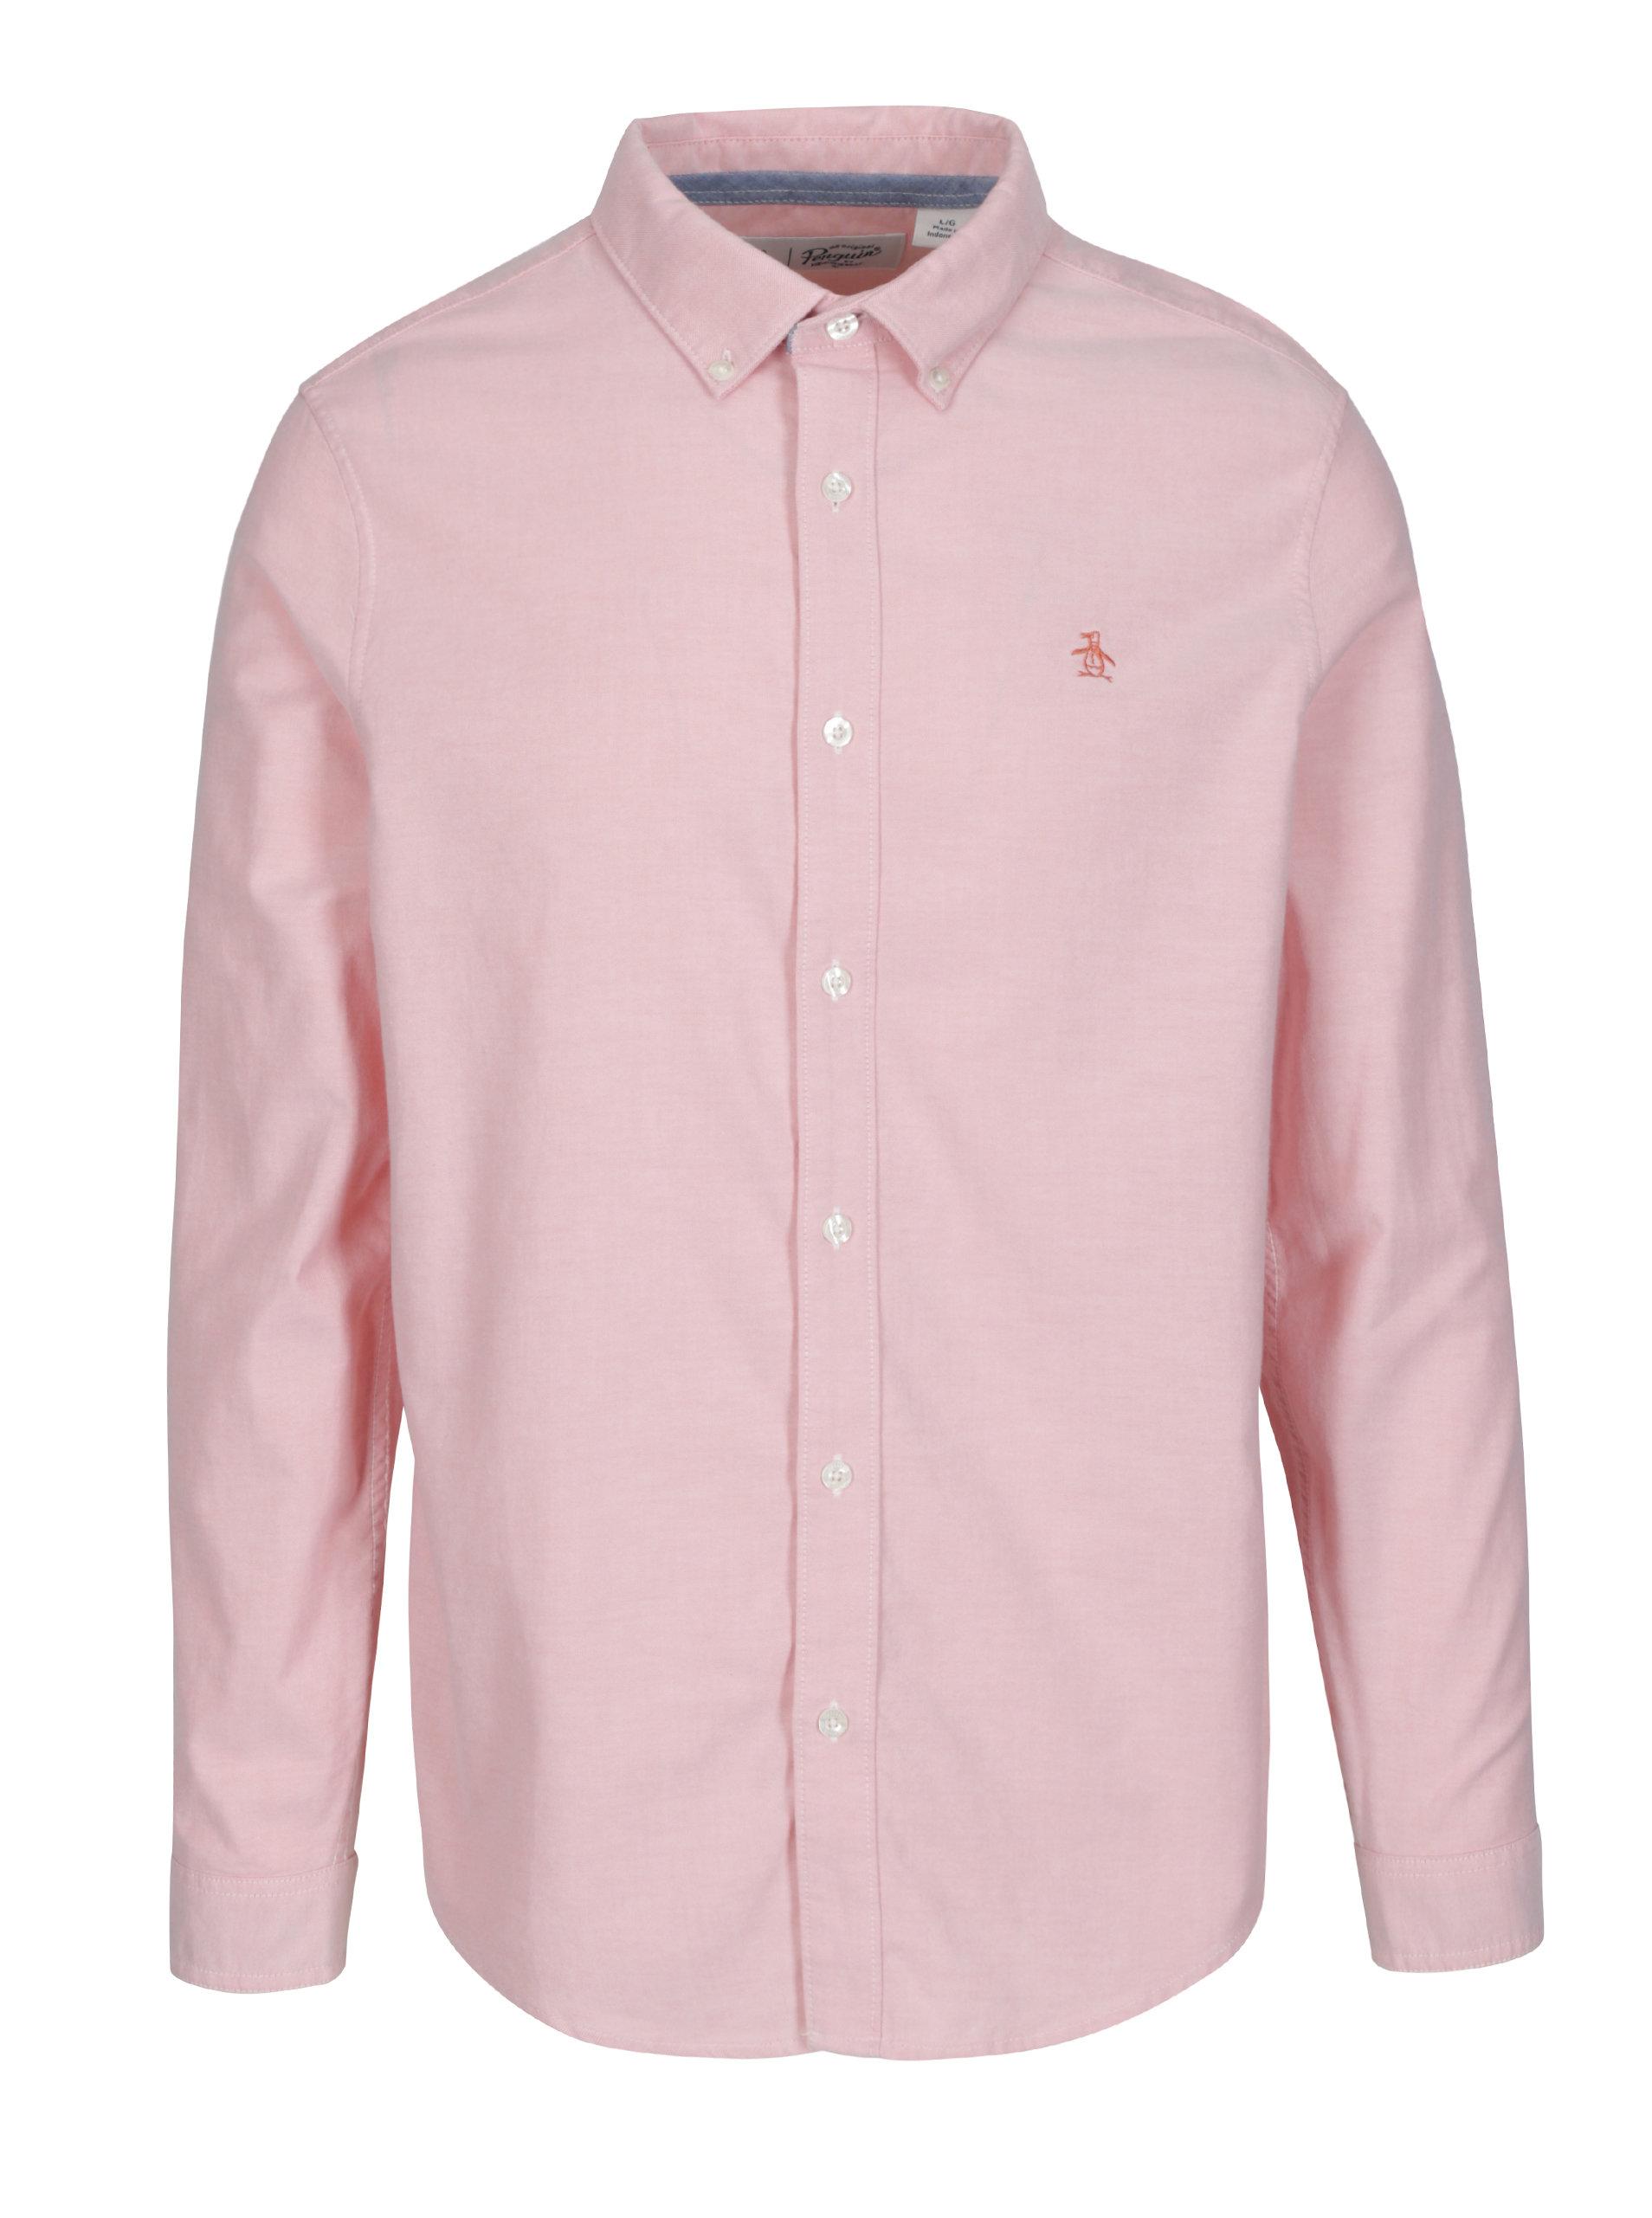 573231069f8 Růžová košile s dlouhým rukávem Original Penguin Oxford ...